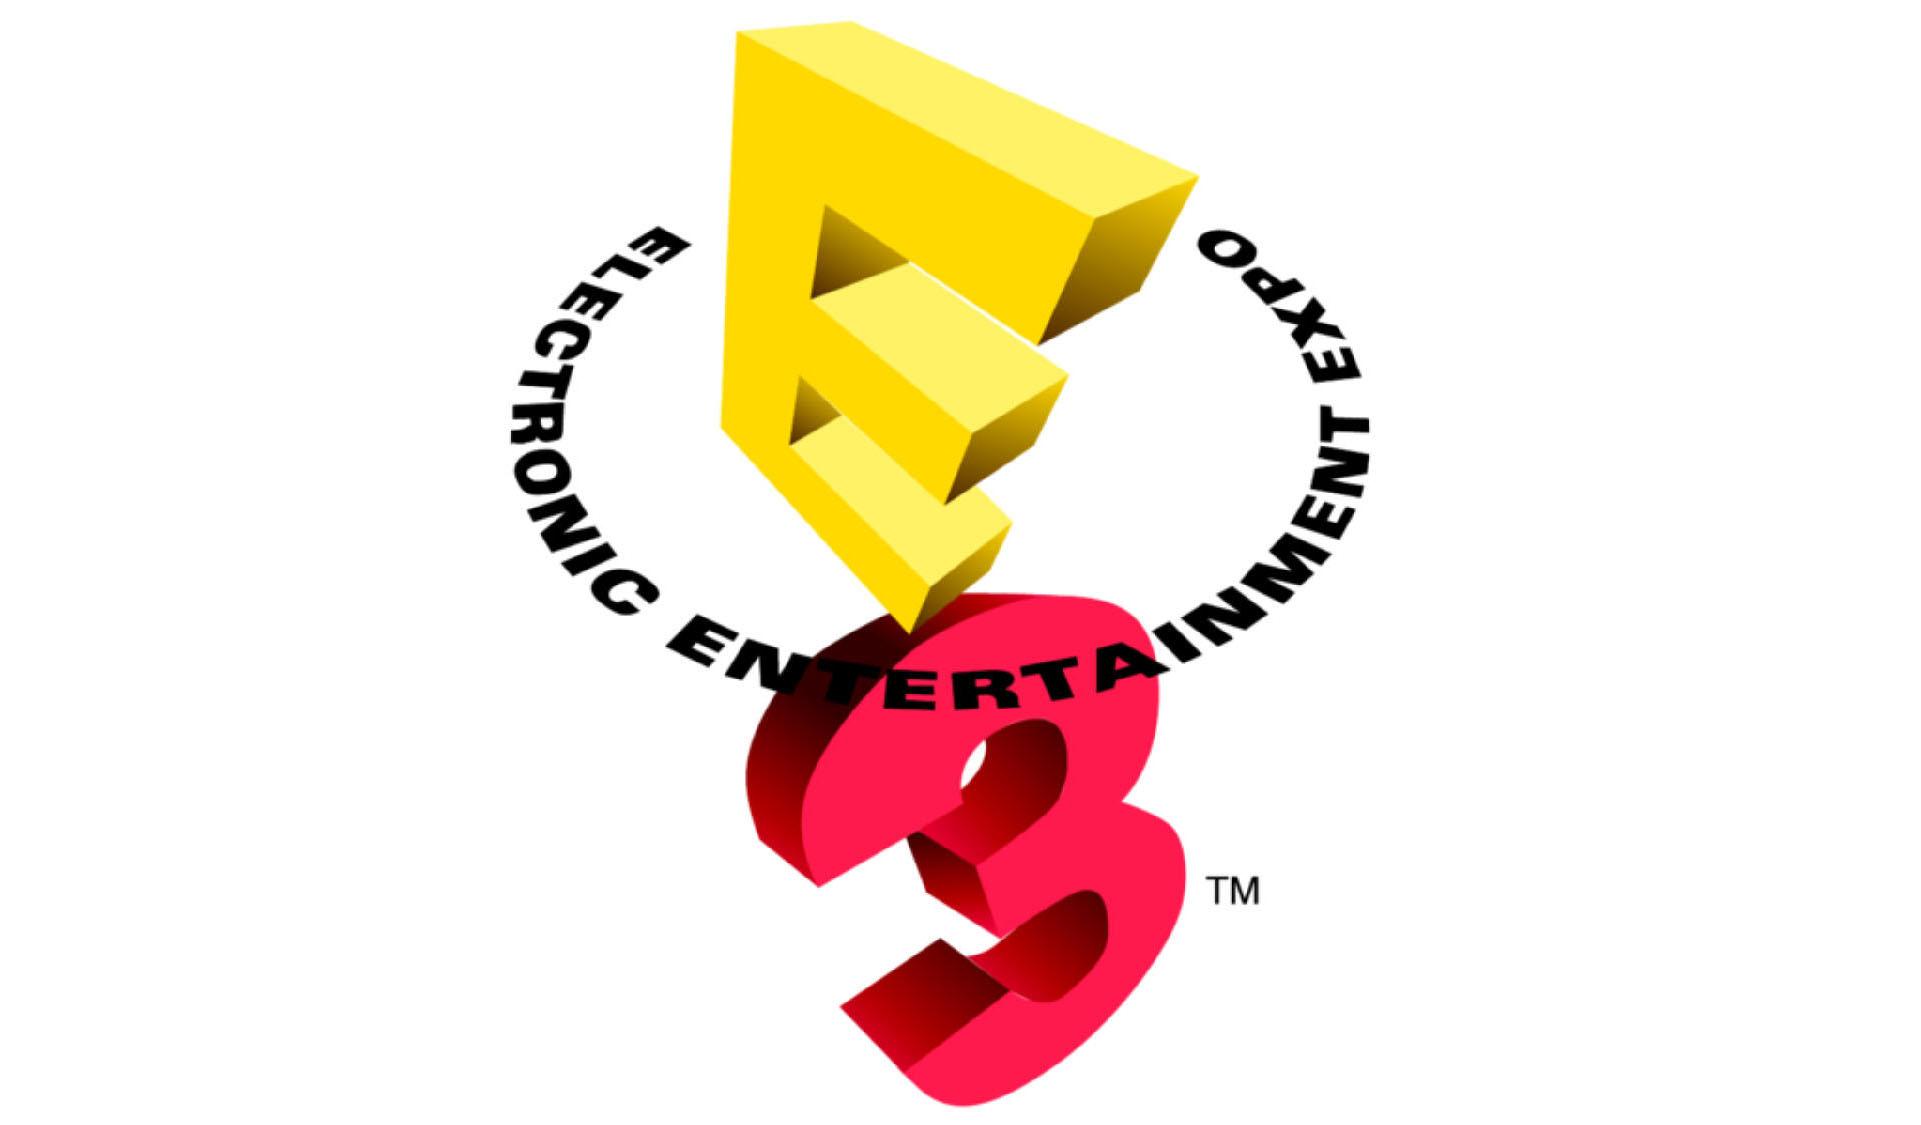 15-05-14-10-15_0_e3_logo